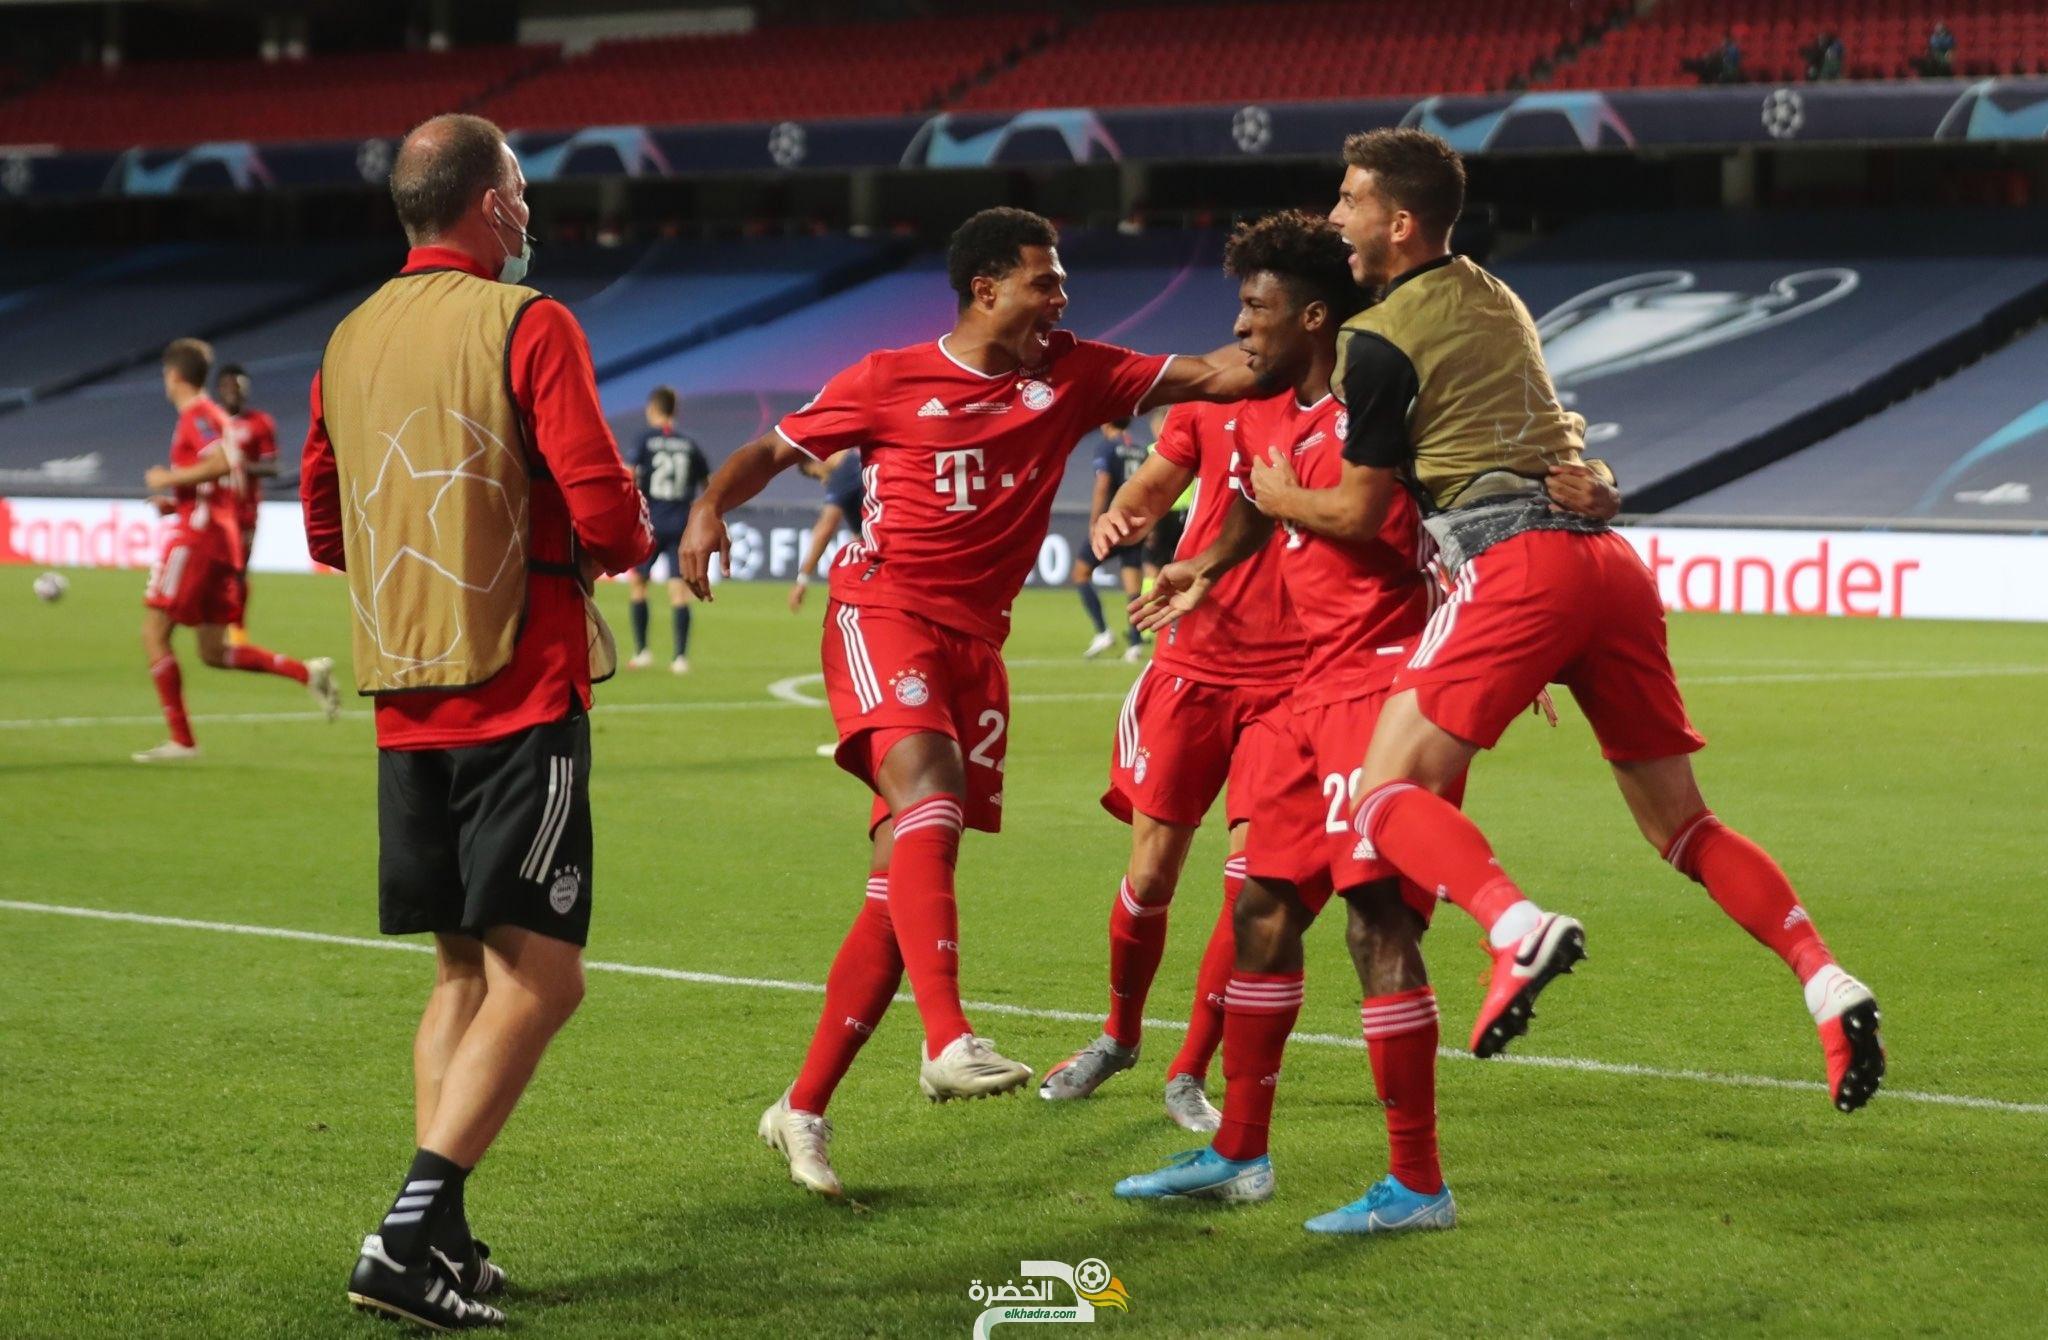 بايرن ميونخ بطلاً لـ دوري أبطال أوروبا للمرة السادسة في تاريخه 33